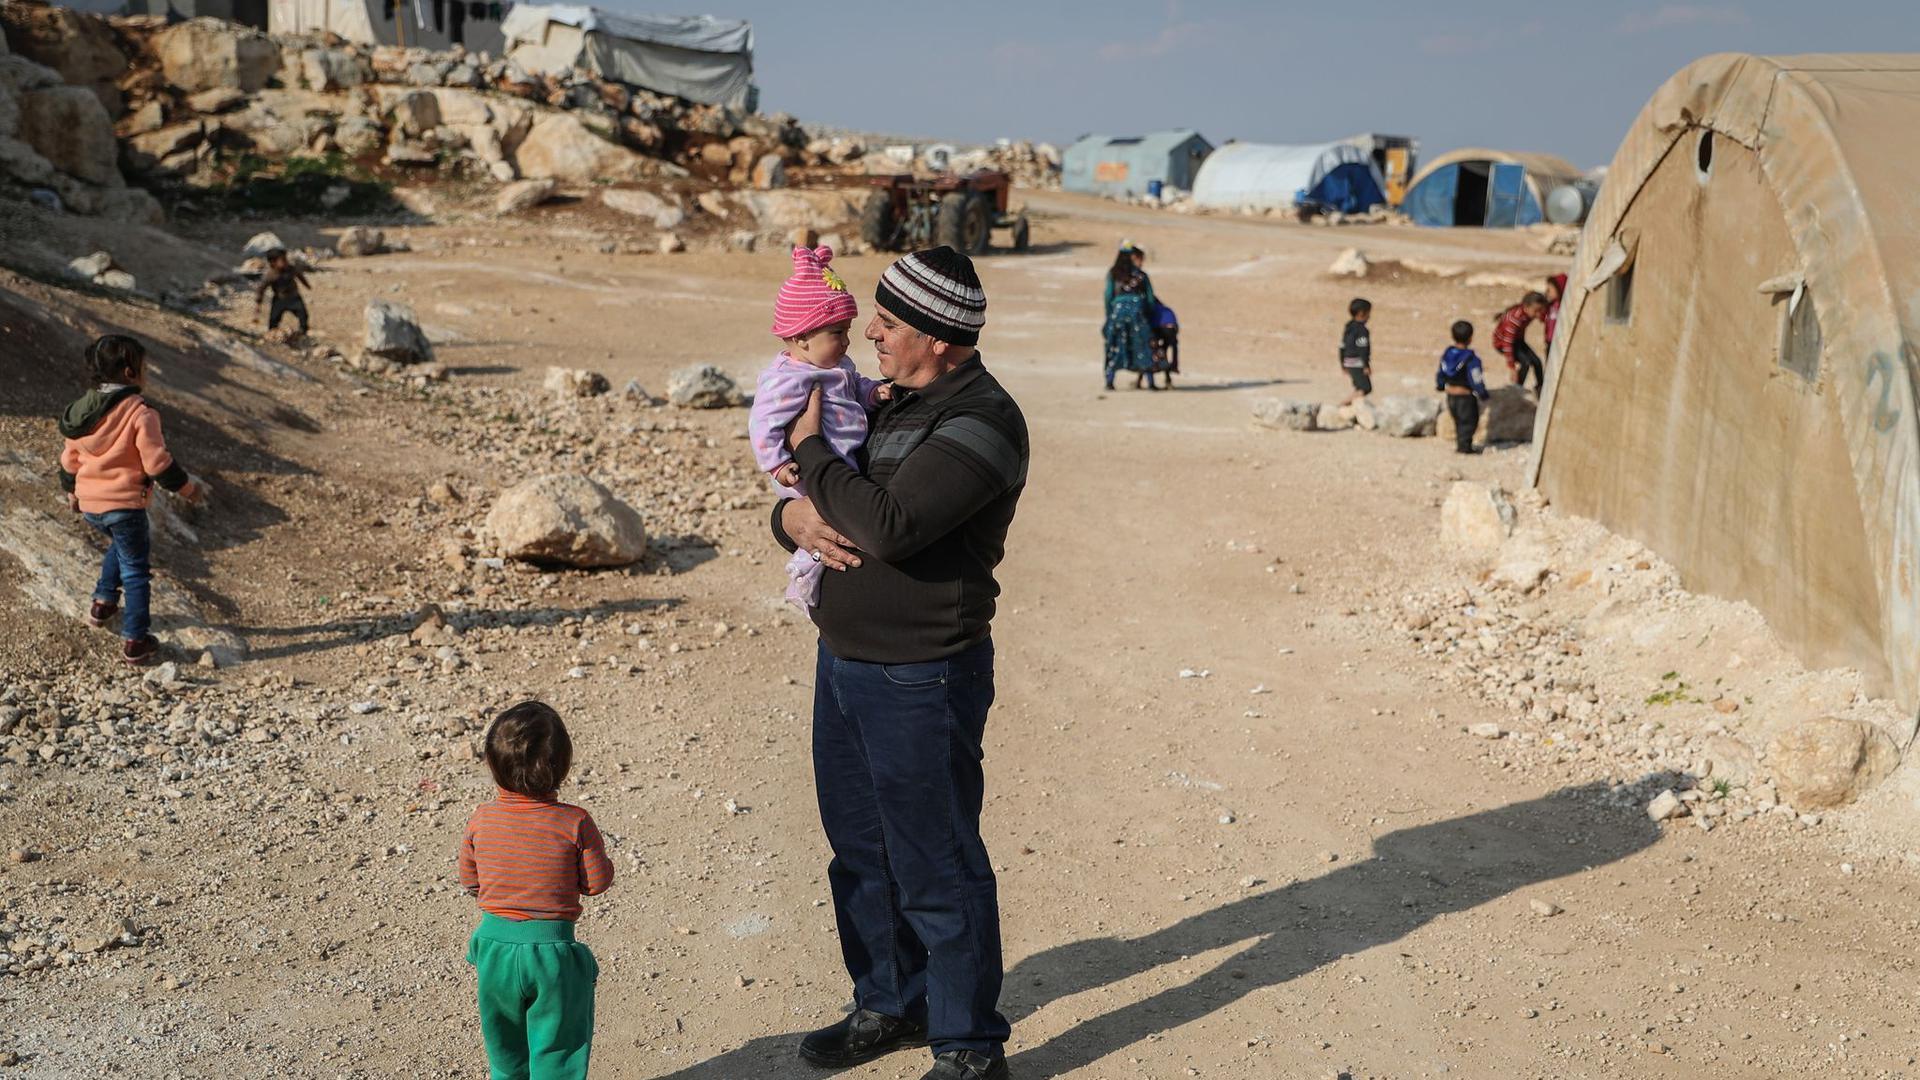 Ein Mann steht mit seinen Kindern in einem Flüchtlingslager in der Provinz Idlib.